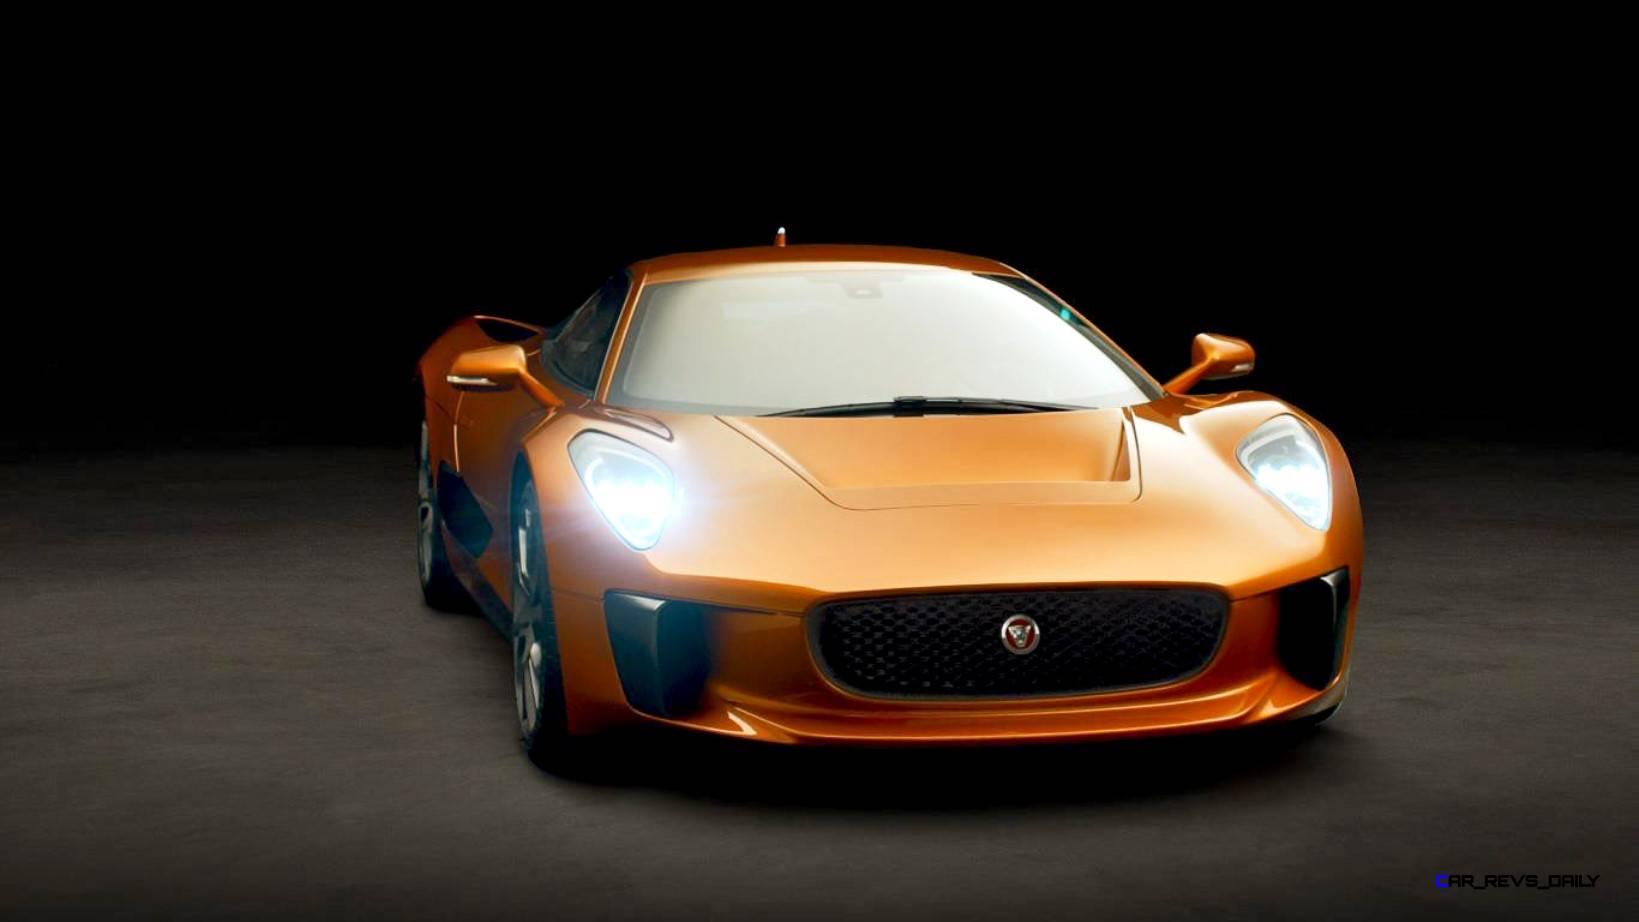 007 spectre bond cars jaguar cx 75 orange 9 click to open largest resolution image publicscrutiny Images